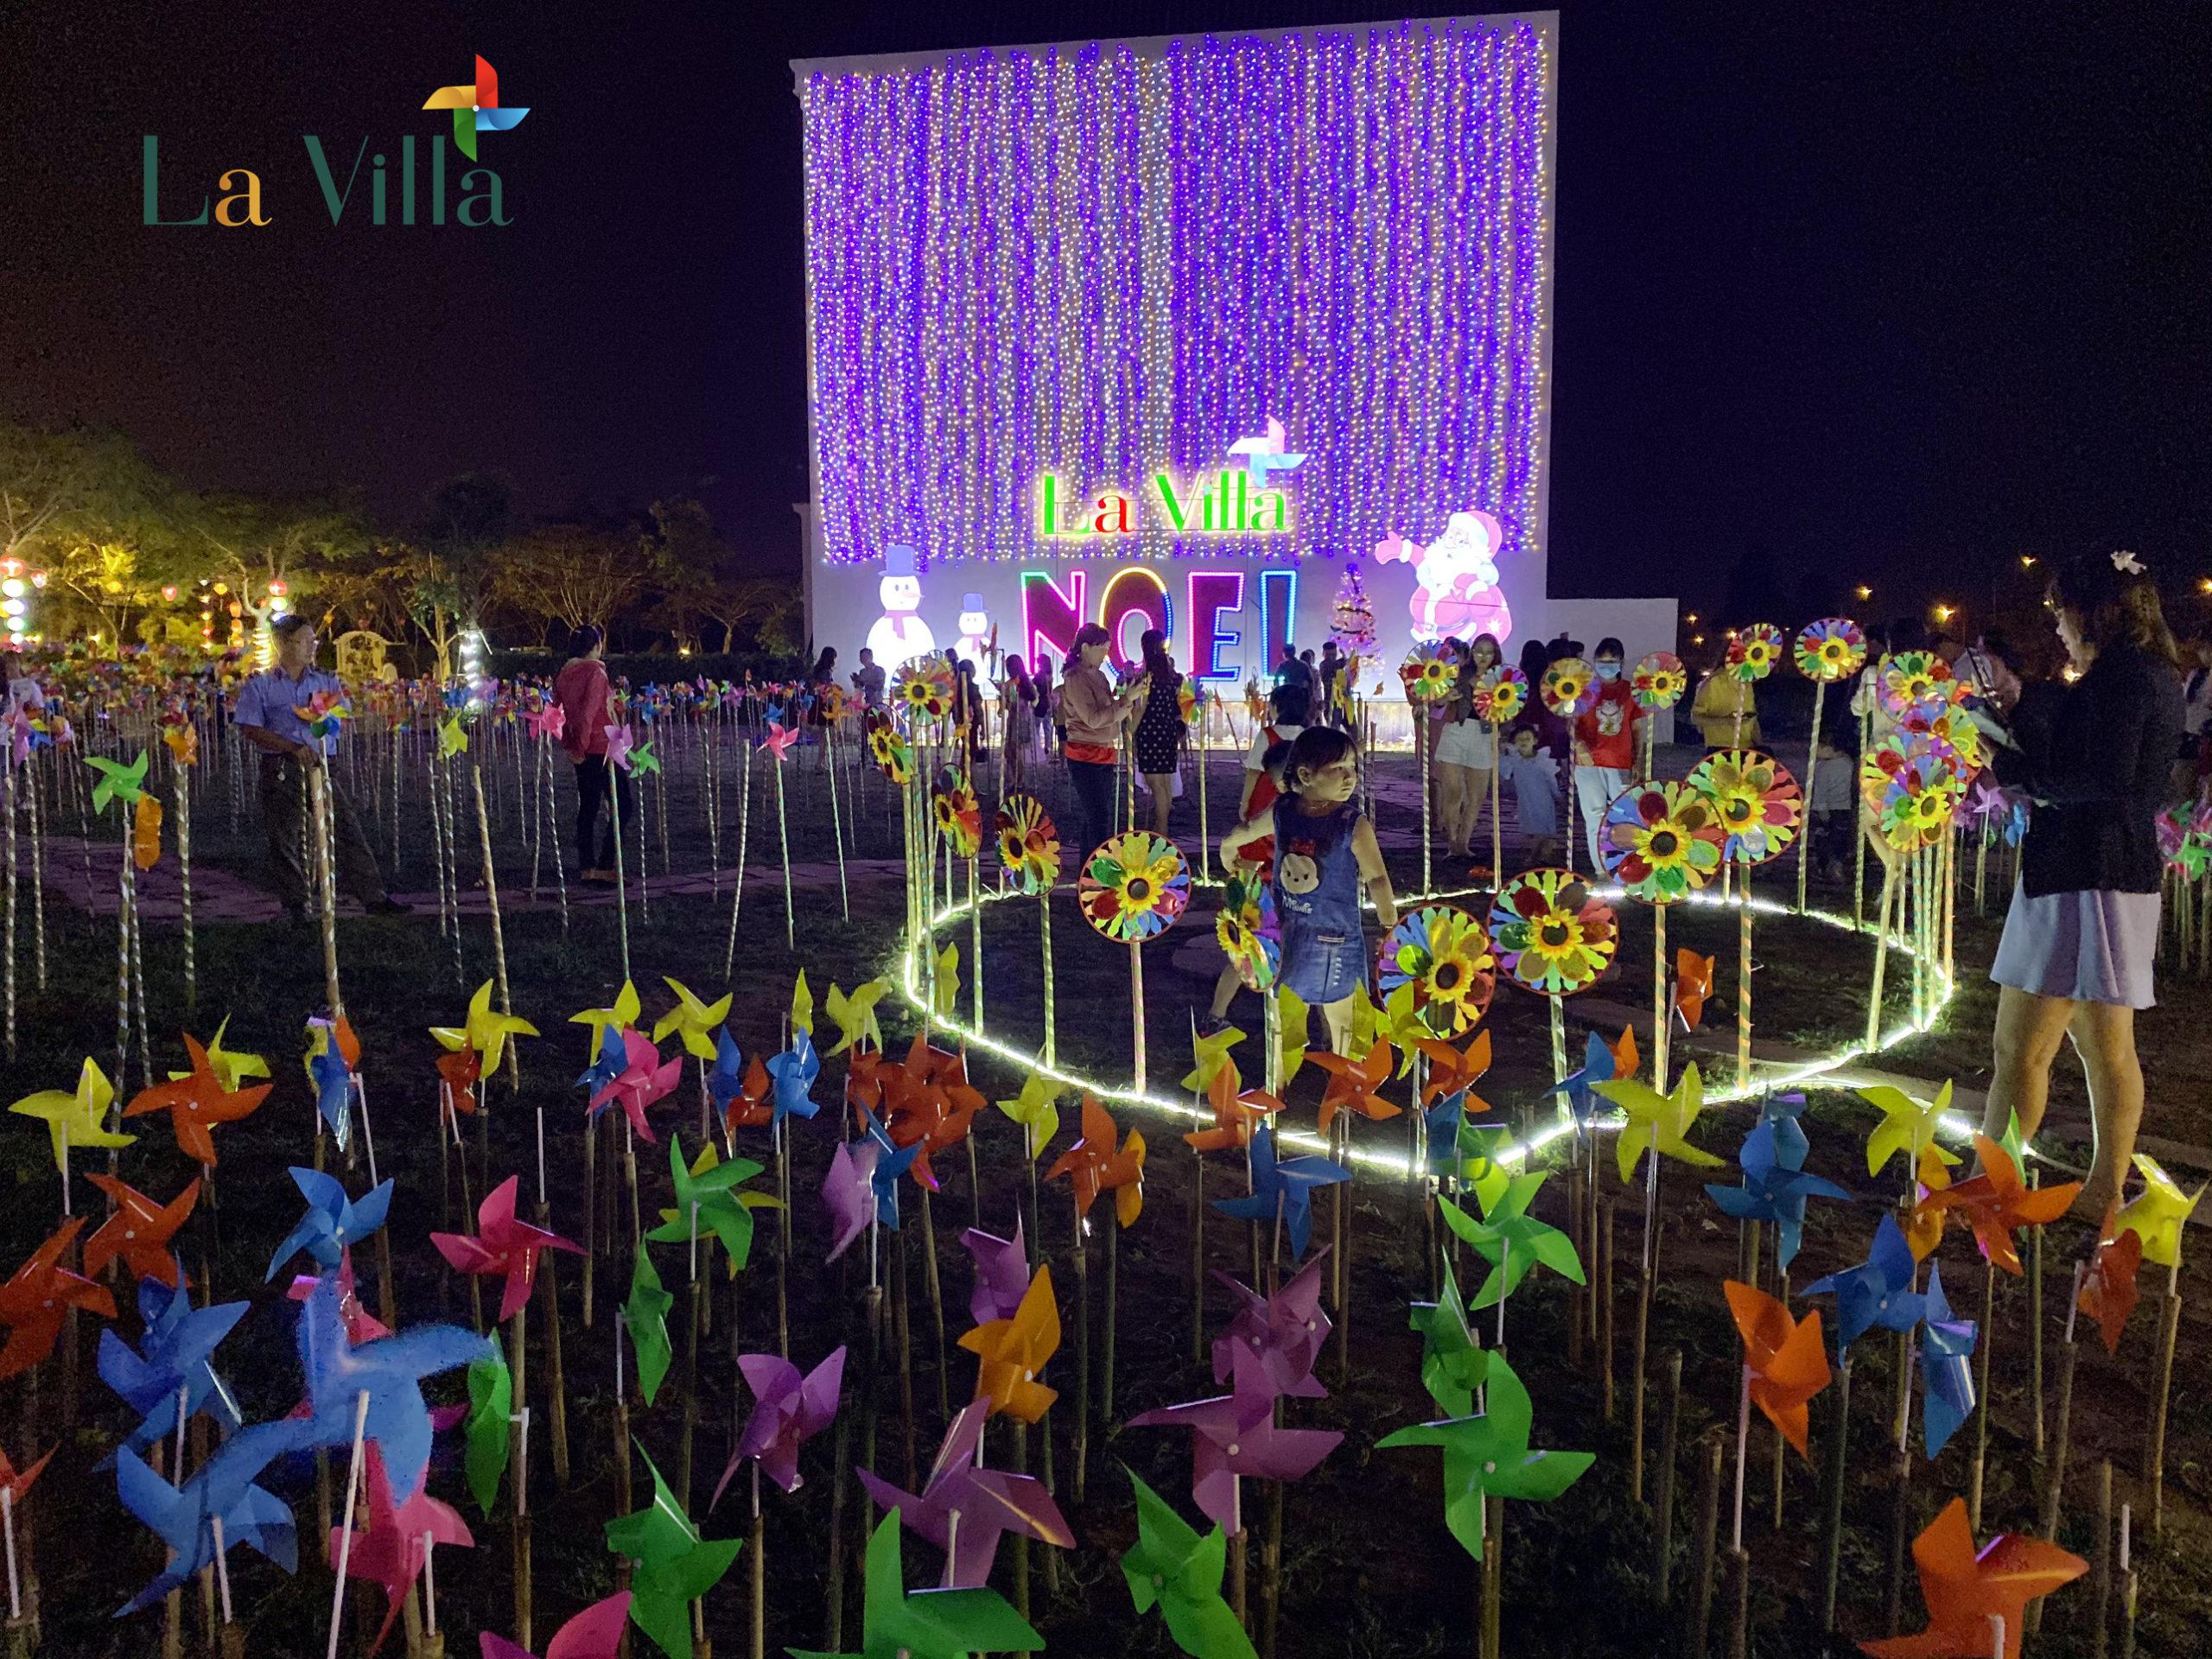 Công viên ánh sáng bên trong tiện ích nội khu của Lavilla Tân An - Hình 5